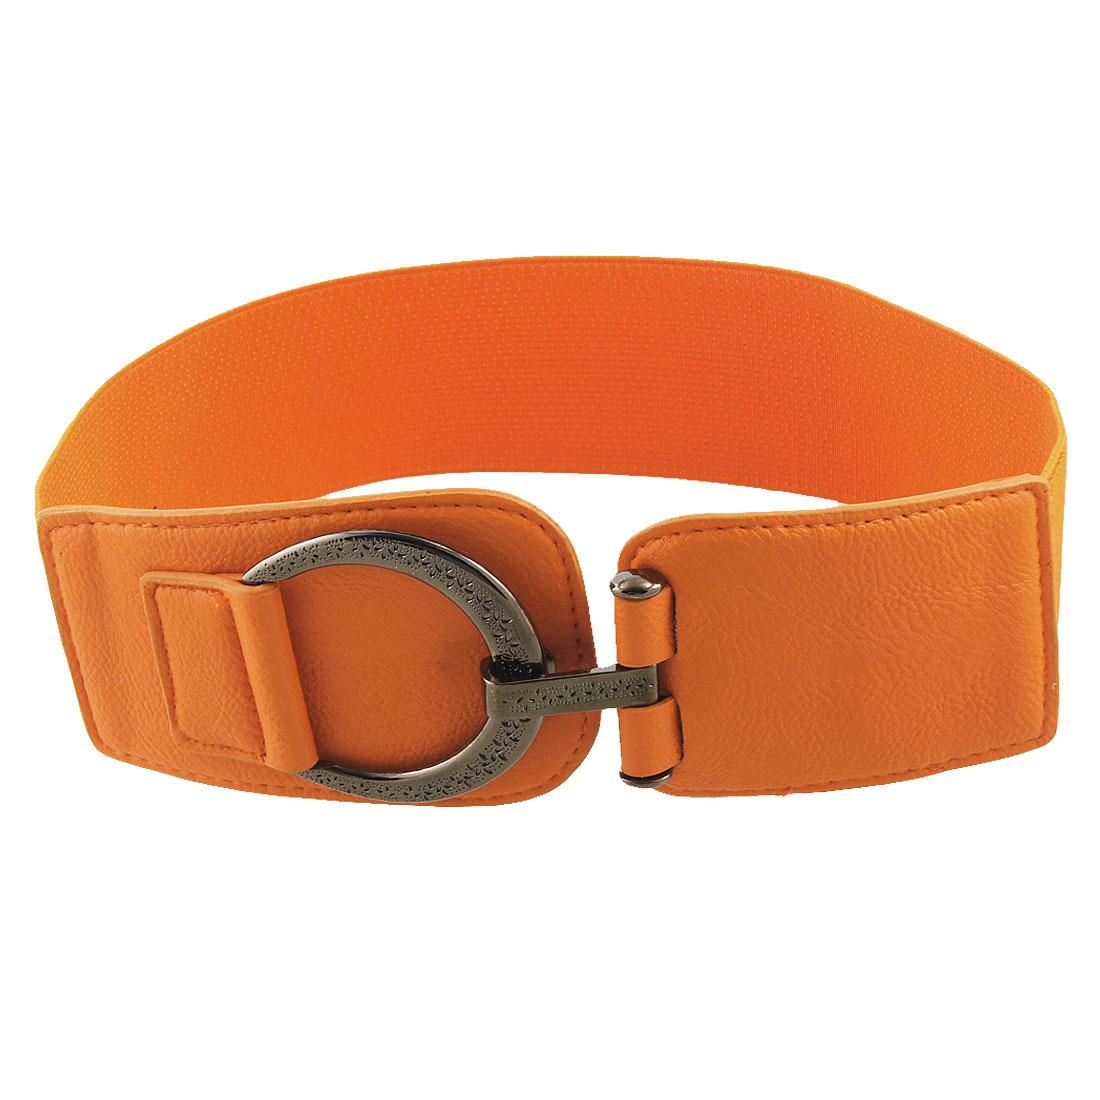 Ladies Texture Pattern Interlocking Buckle Stretchy Cinch Belt Orange